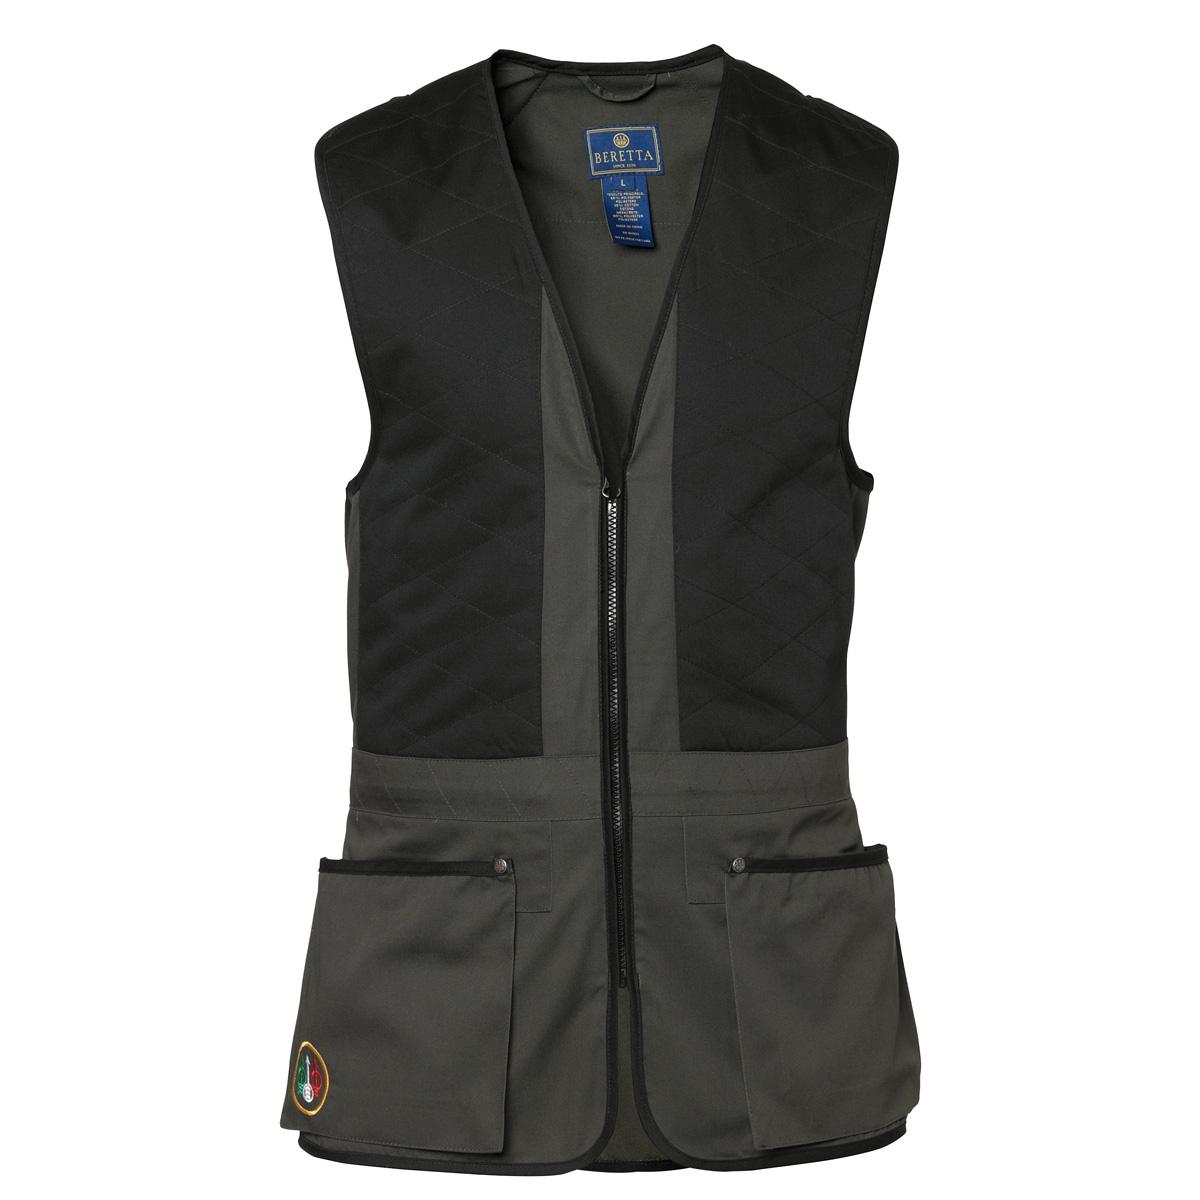 Beretta Trap Cotton Vest Image of Beretta Trap Cotton